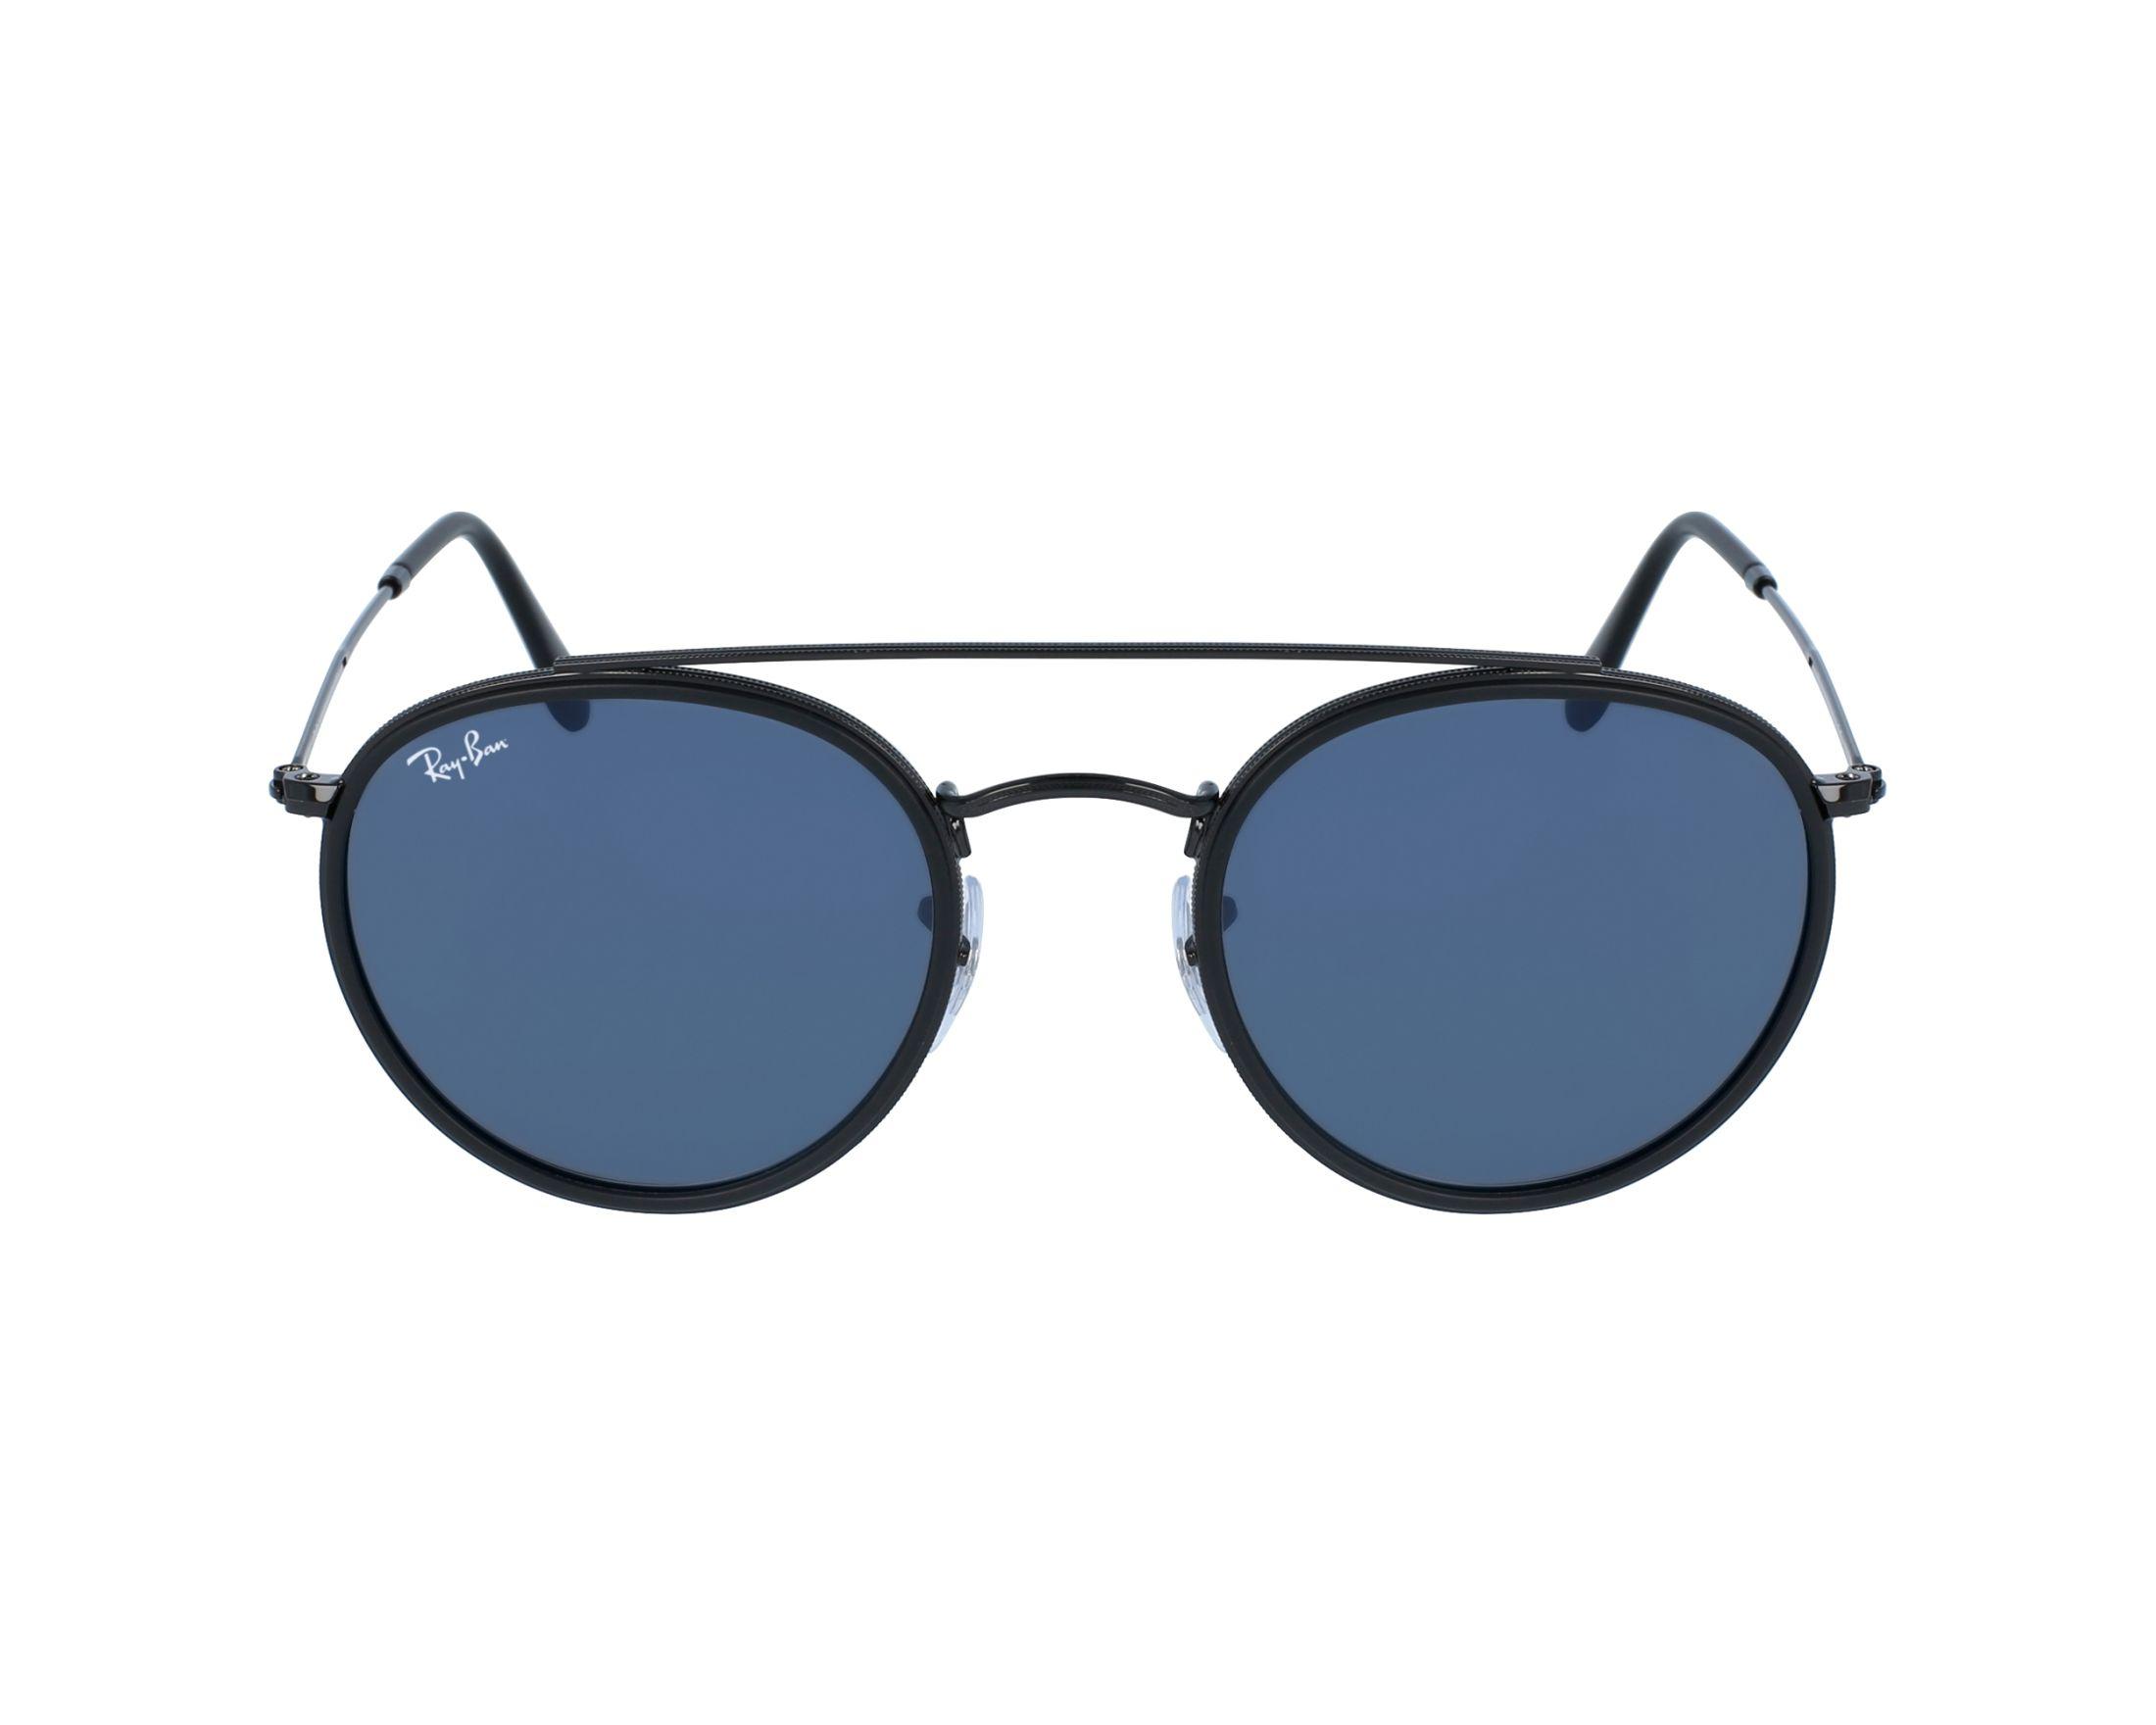 lunettes de soleil ray ban rb 3647 n 002 r5 noir avec des verres gris. Black Bedroom Furniture Sets. Home Design Ideas